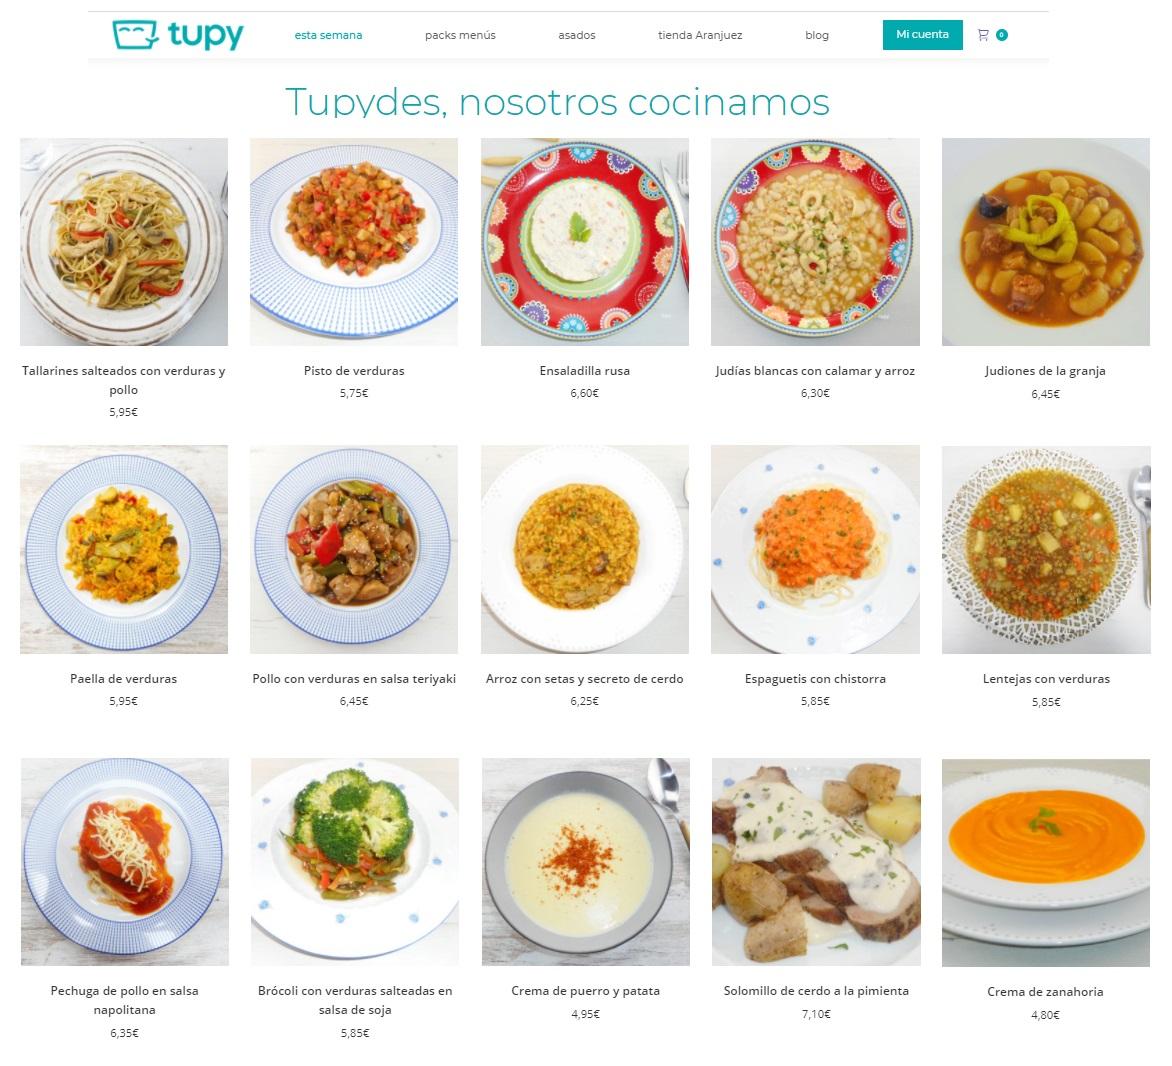 Nuestras recetas de cuchara alimentan y calientan - Sin conservantes - Recetas caseras y familiares - Platos semanales - Comida casera a domicilio - Tupy